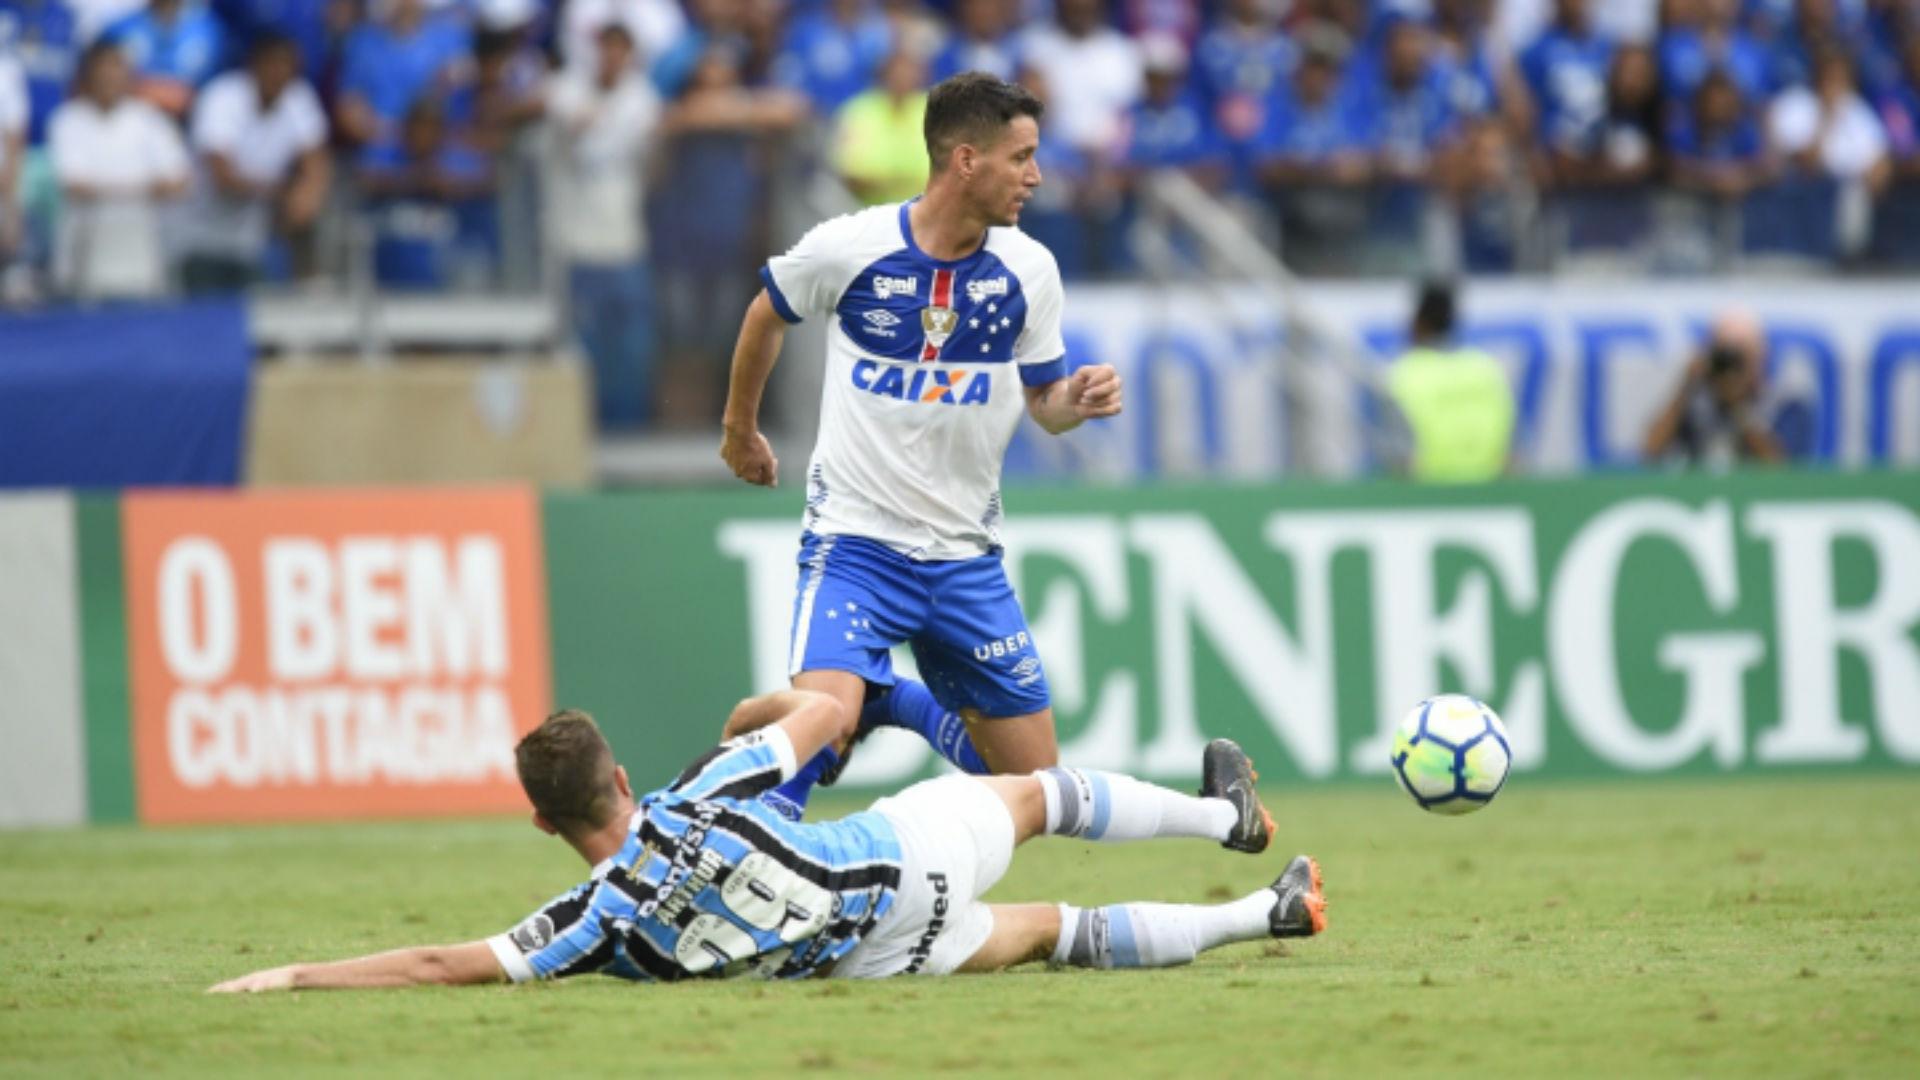 Arthur Thiago Neves Cruzeiro Grêmio Brasileirão 16 04 2018